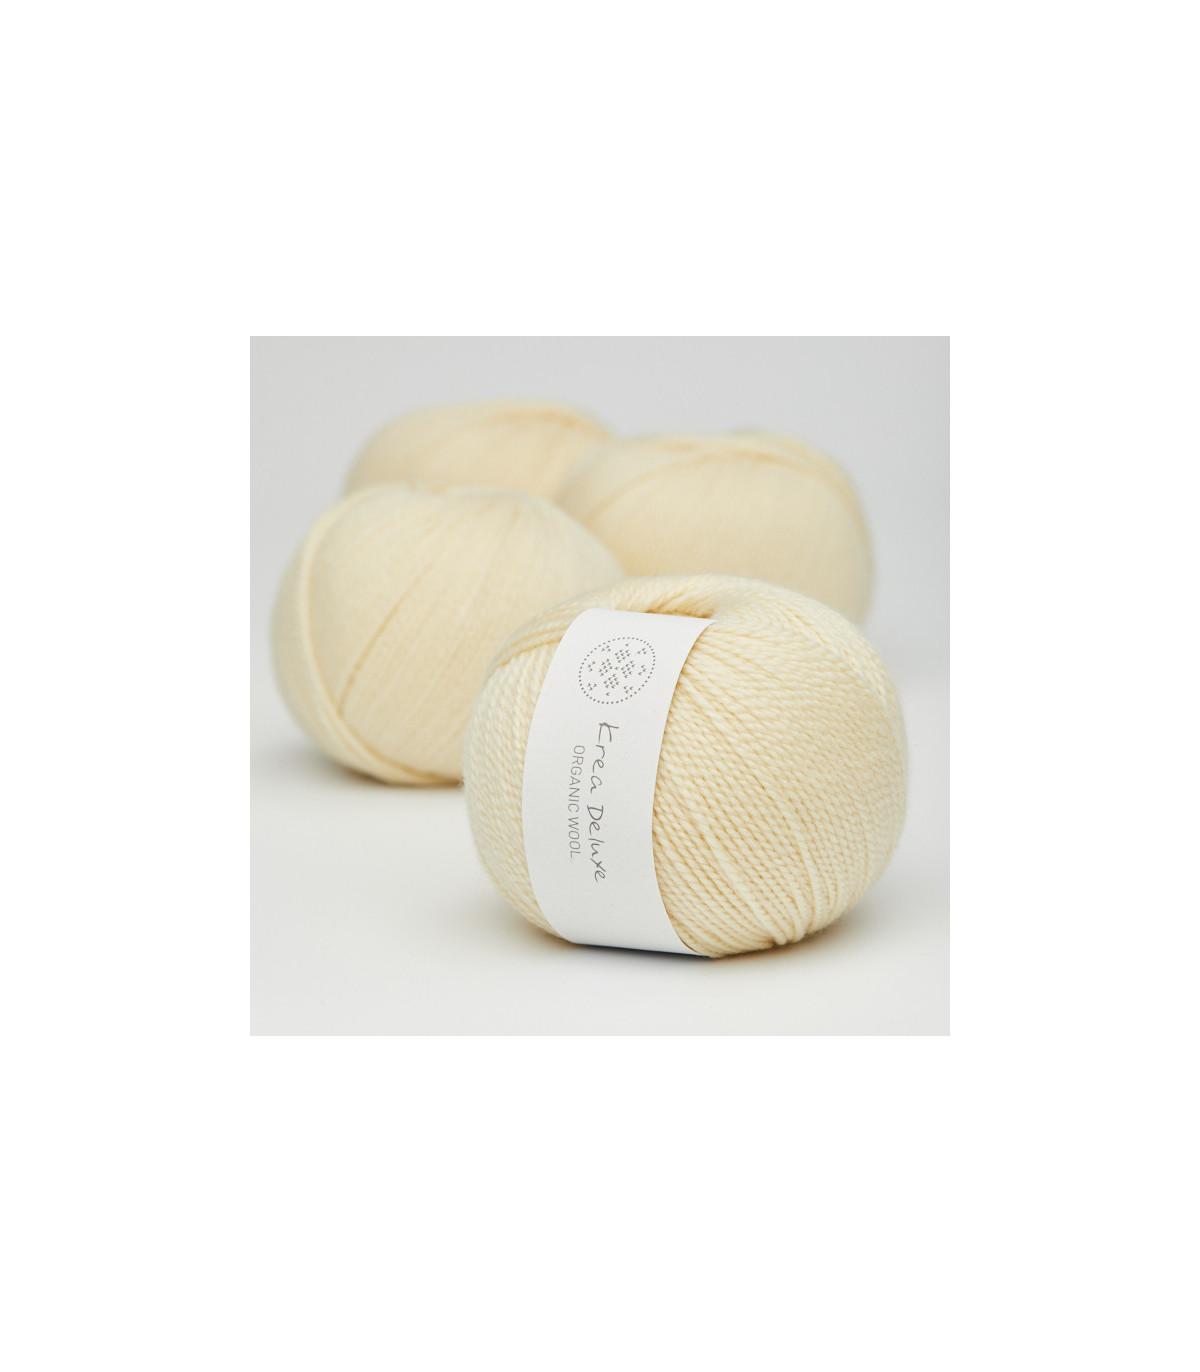 Wool 1 (Neu) - Krea Deluxe in der Farbe W 03 Zart Hellgelb